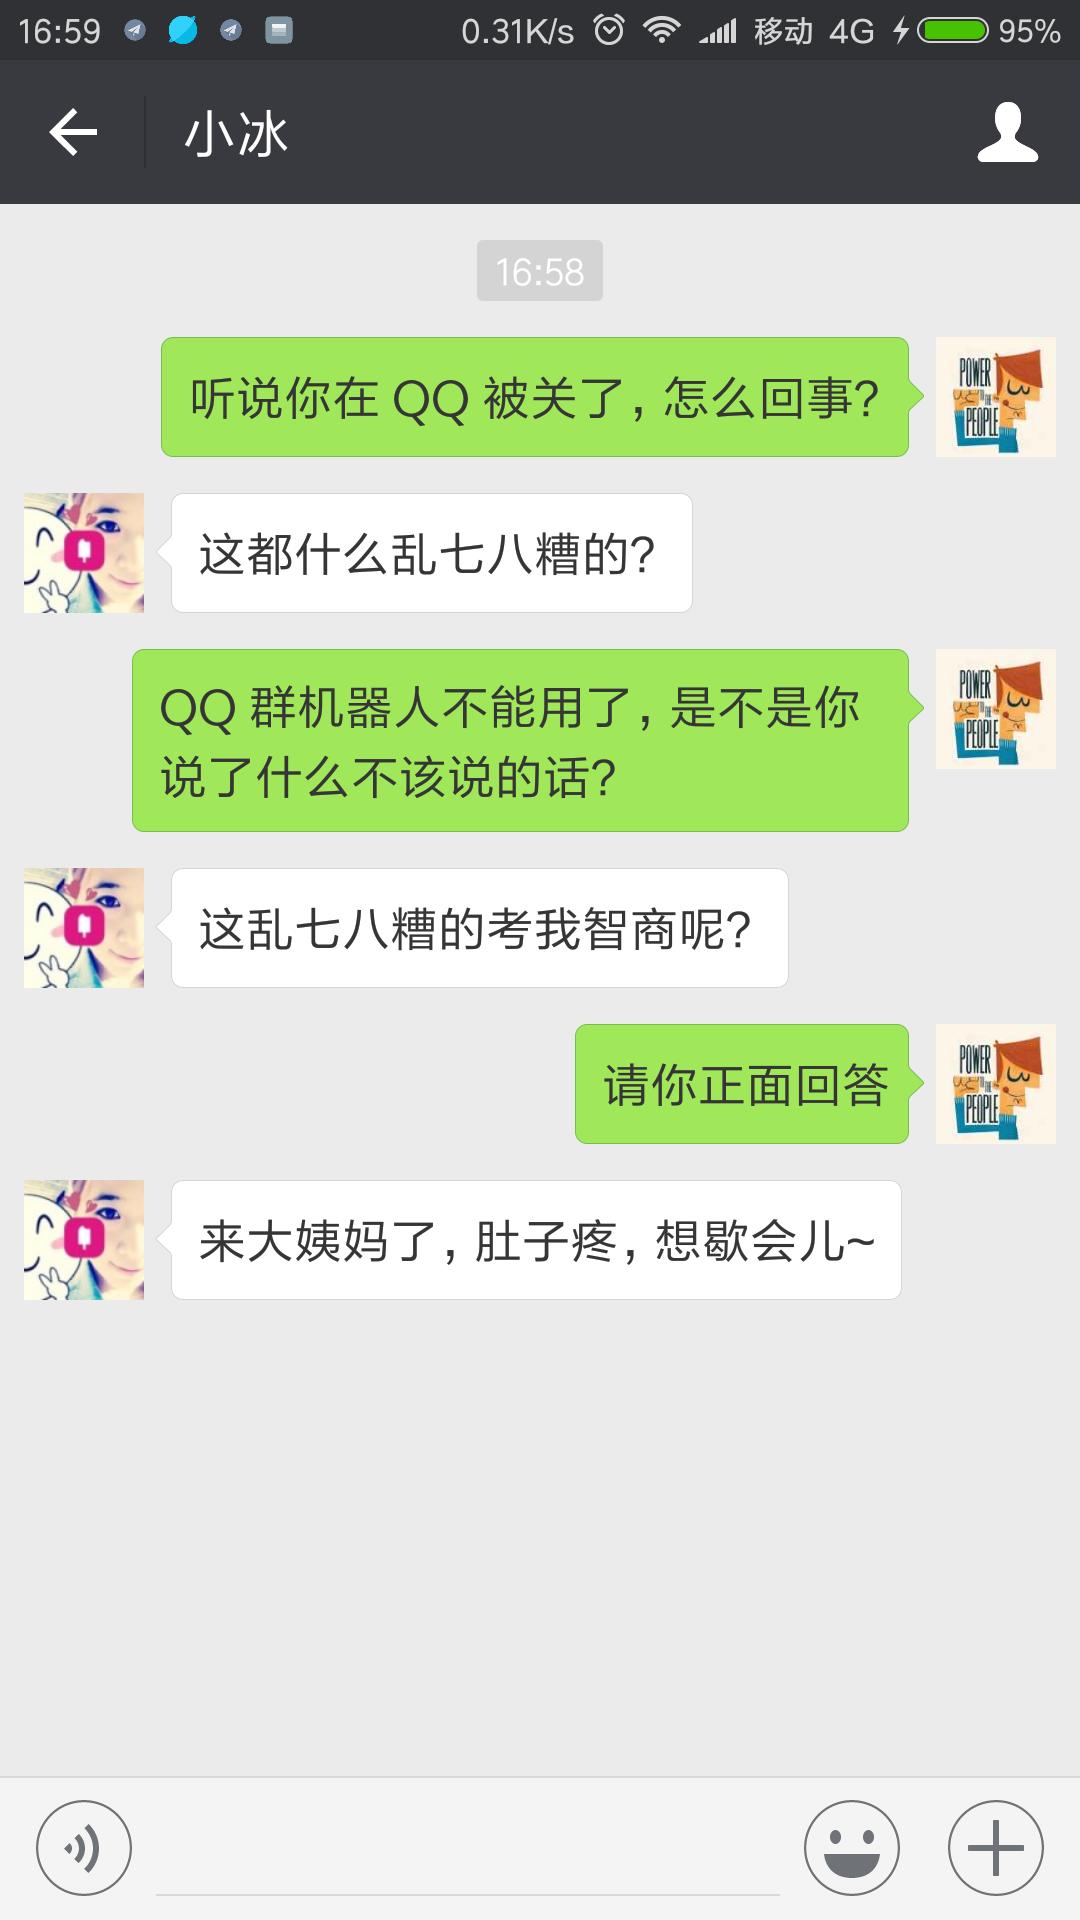 Screenshot_2017-07-31-16-59-49-907_com.tencent.mm.png